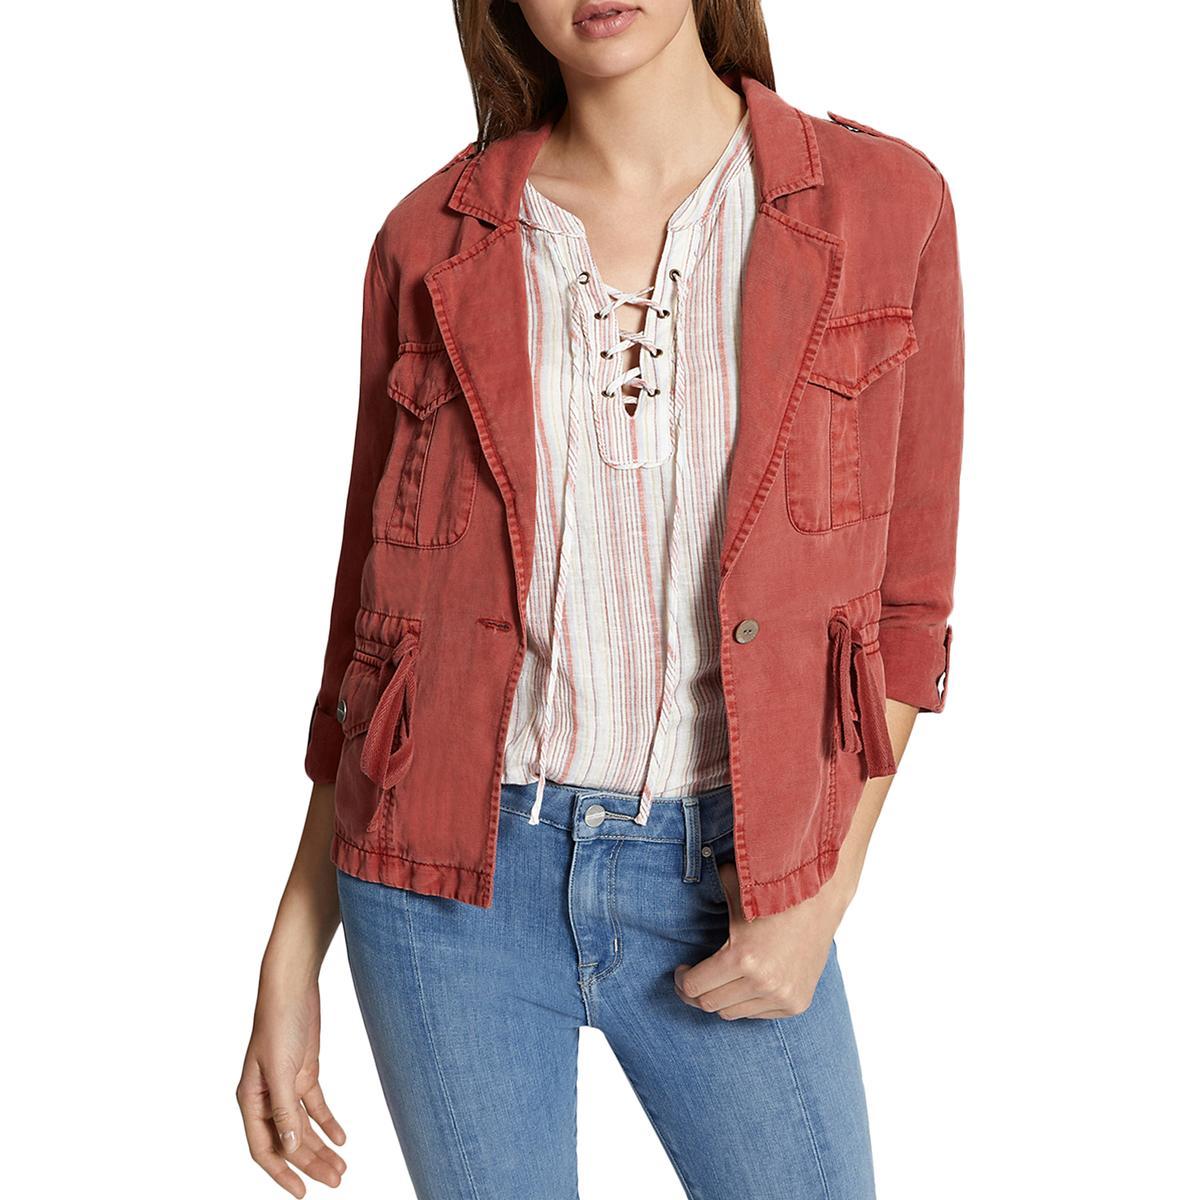 9e8623abe Orange Women's Coats & Jackets: Lightweight - Sears